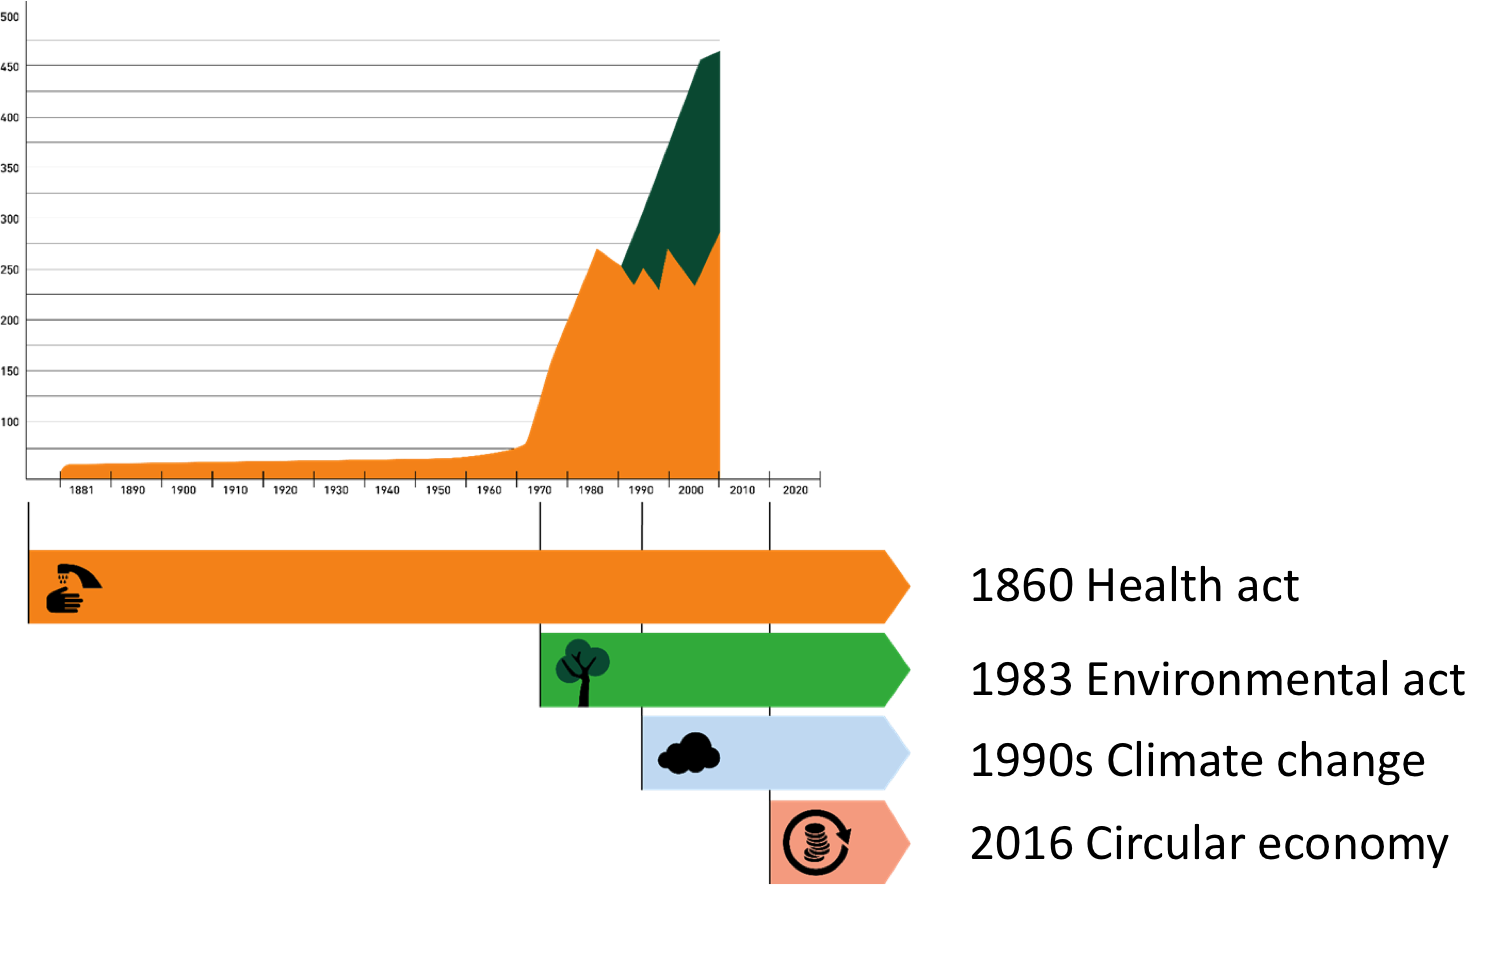 Bergen, Norway, legislation graph, Toralf Igesund, wasteless future, waste legislation, regullation, history of waste